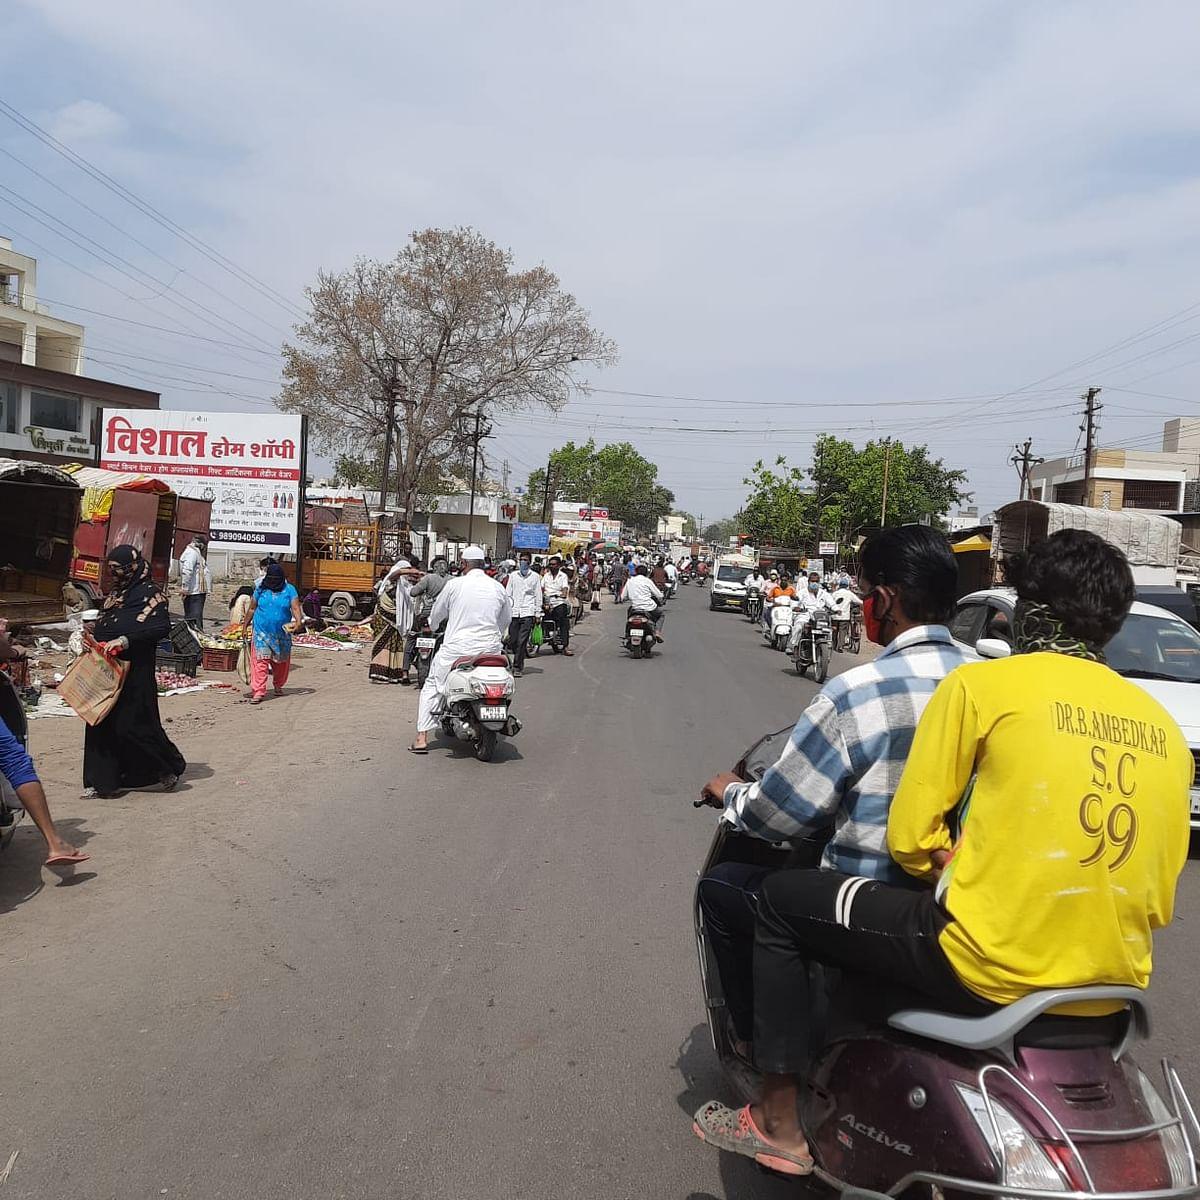 Video - चार तासांची खरेदी साधण्यासाठी नागरिकांची बाजारात गर्दी